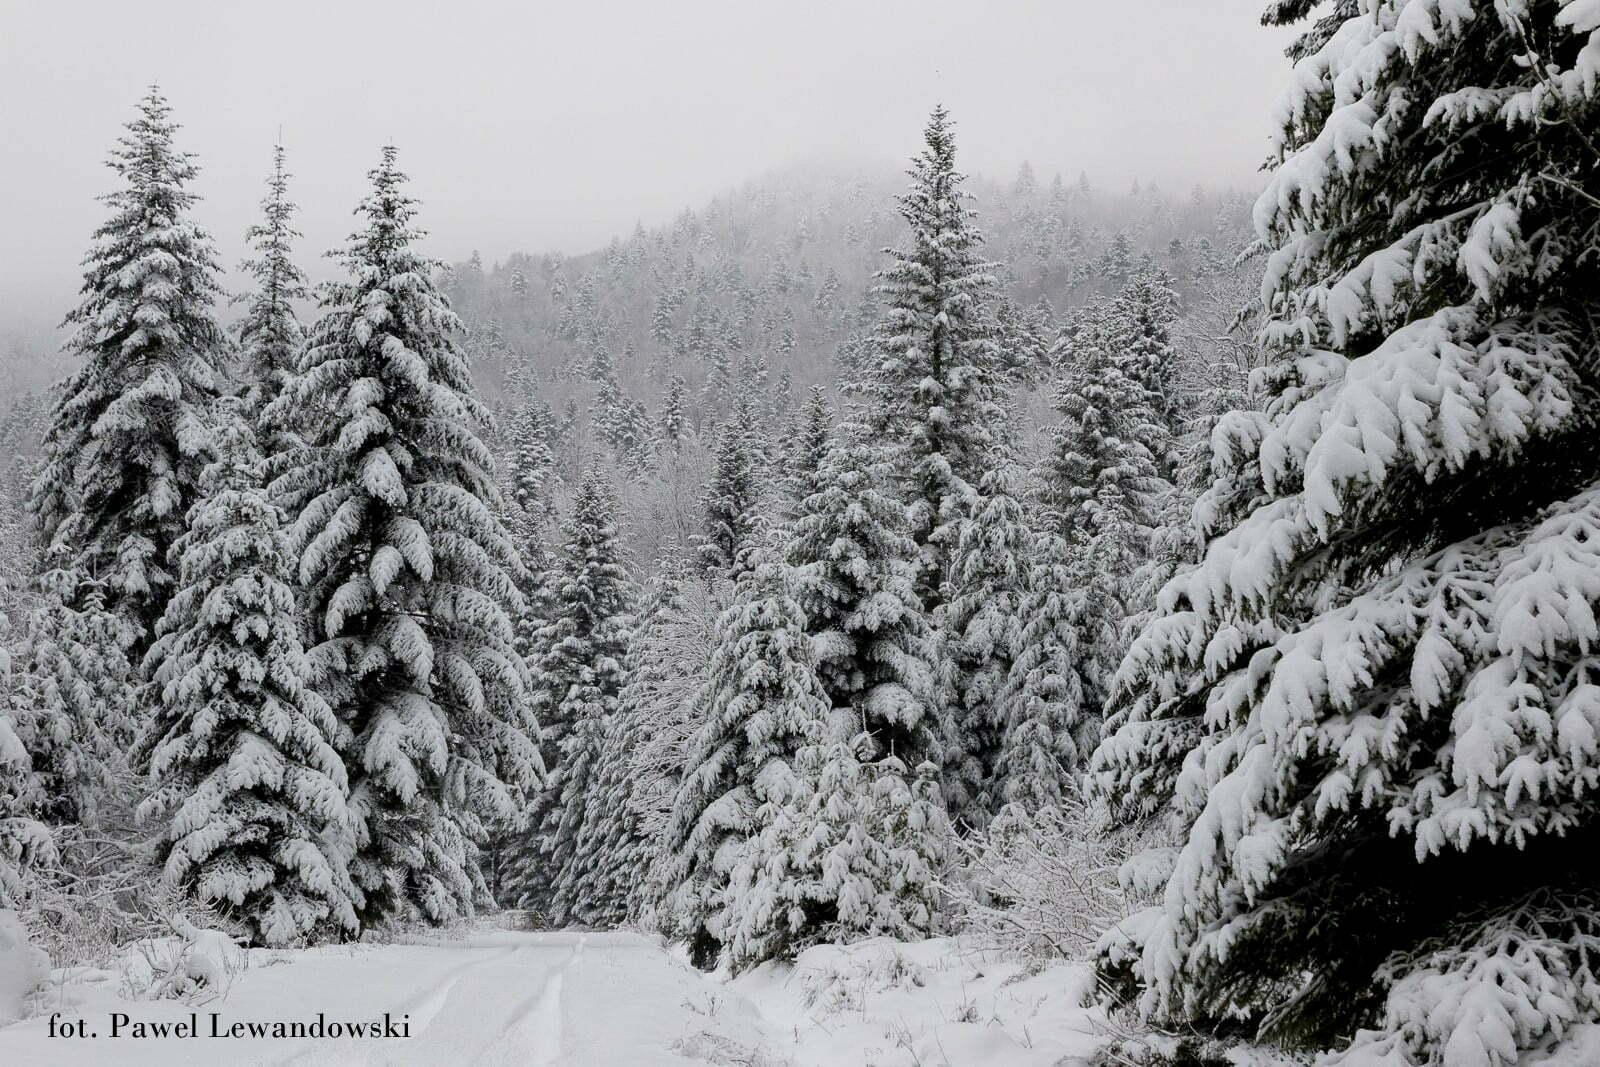 Las w pokrywie śnieżnej fot. Paweł Lewandowski